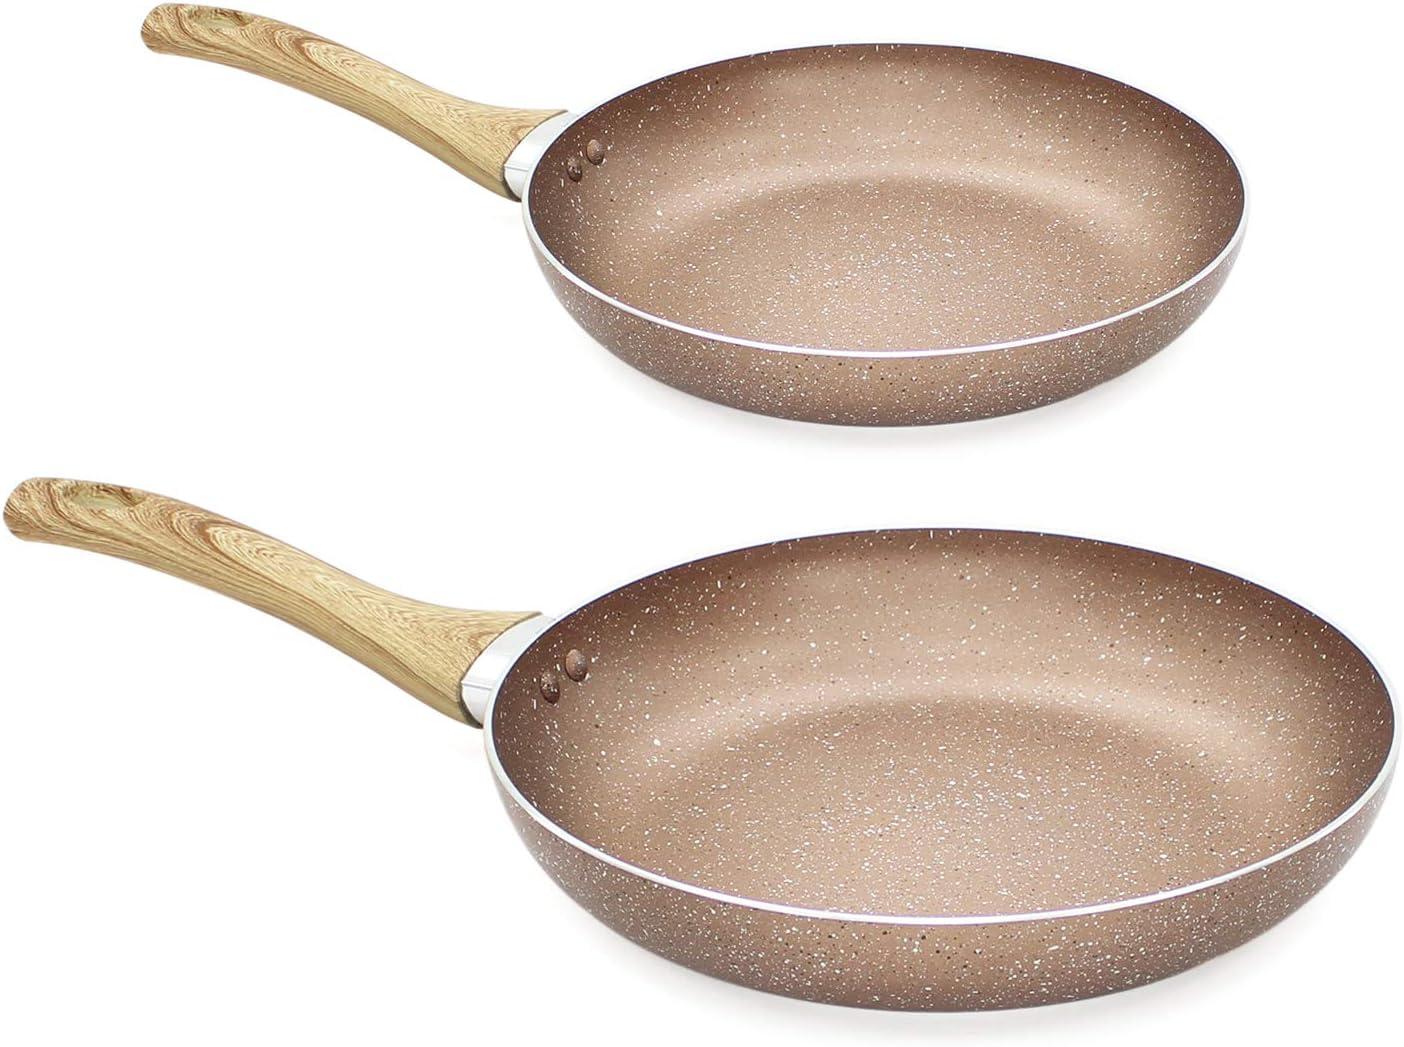 Rose Gold Frying Pan 2 Piece Set Carbon Steel Nonstick Cooking Bakelite Cookware